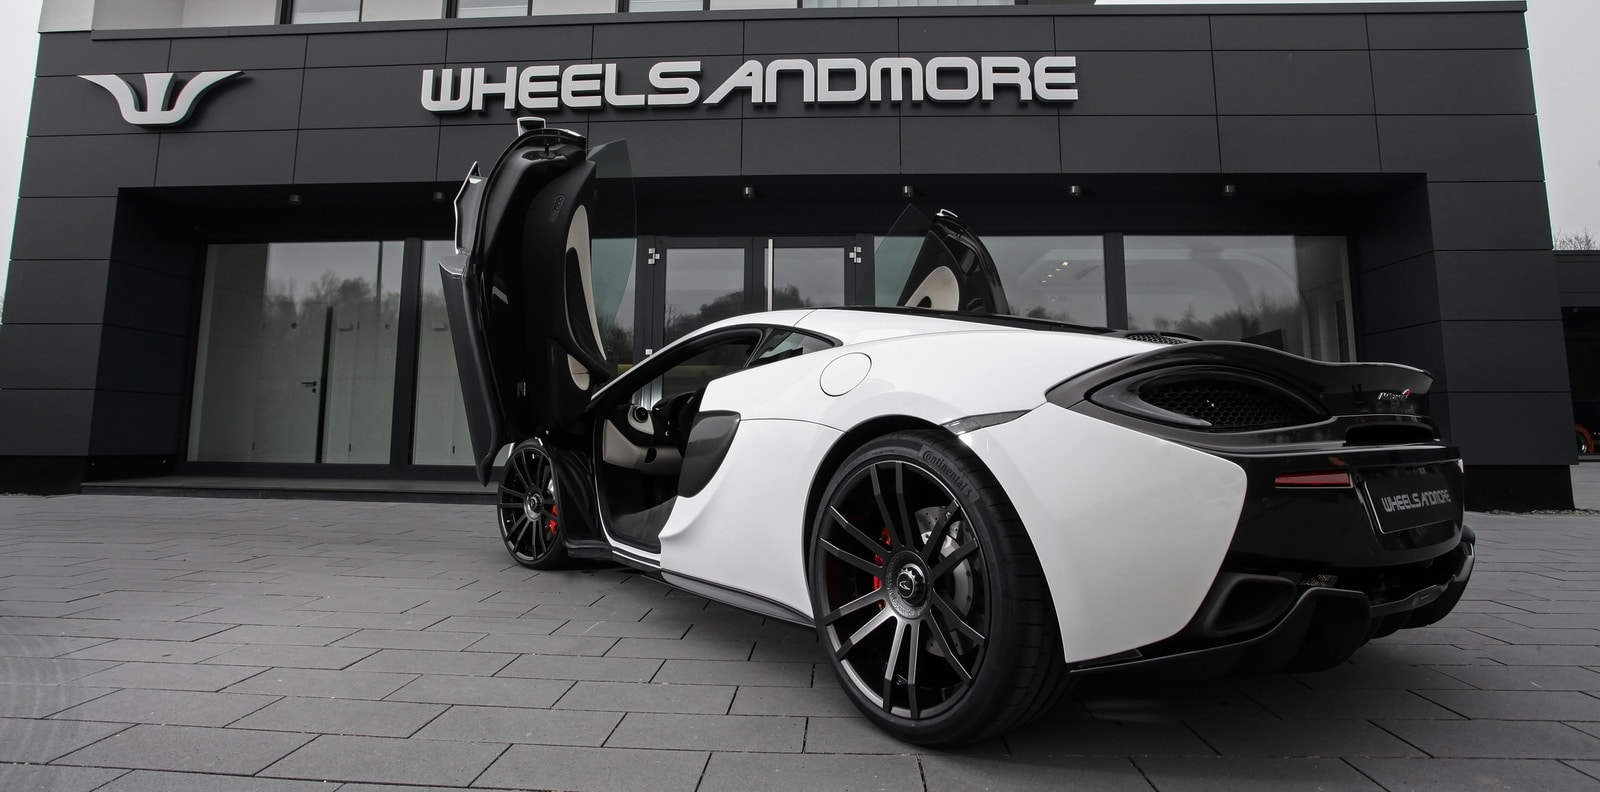 Wheelsandmore x McLaren 570GT = autant de puissance que la 650S